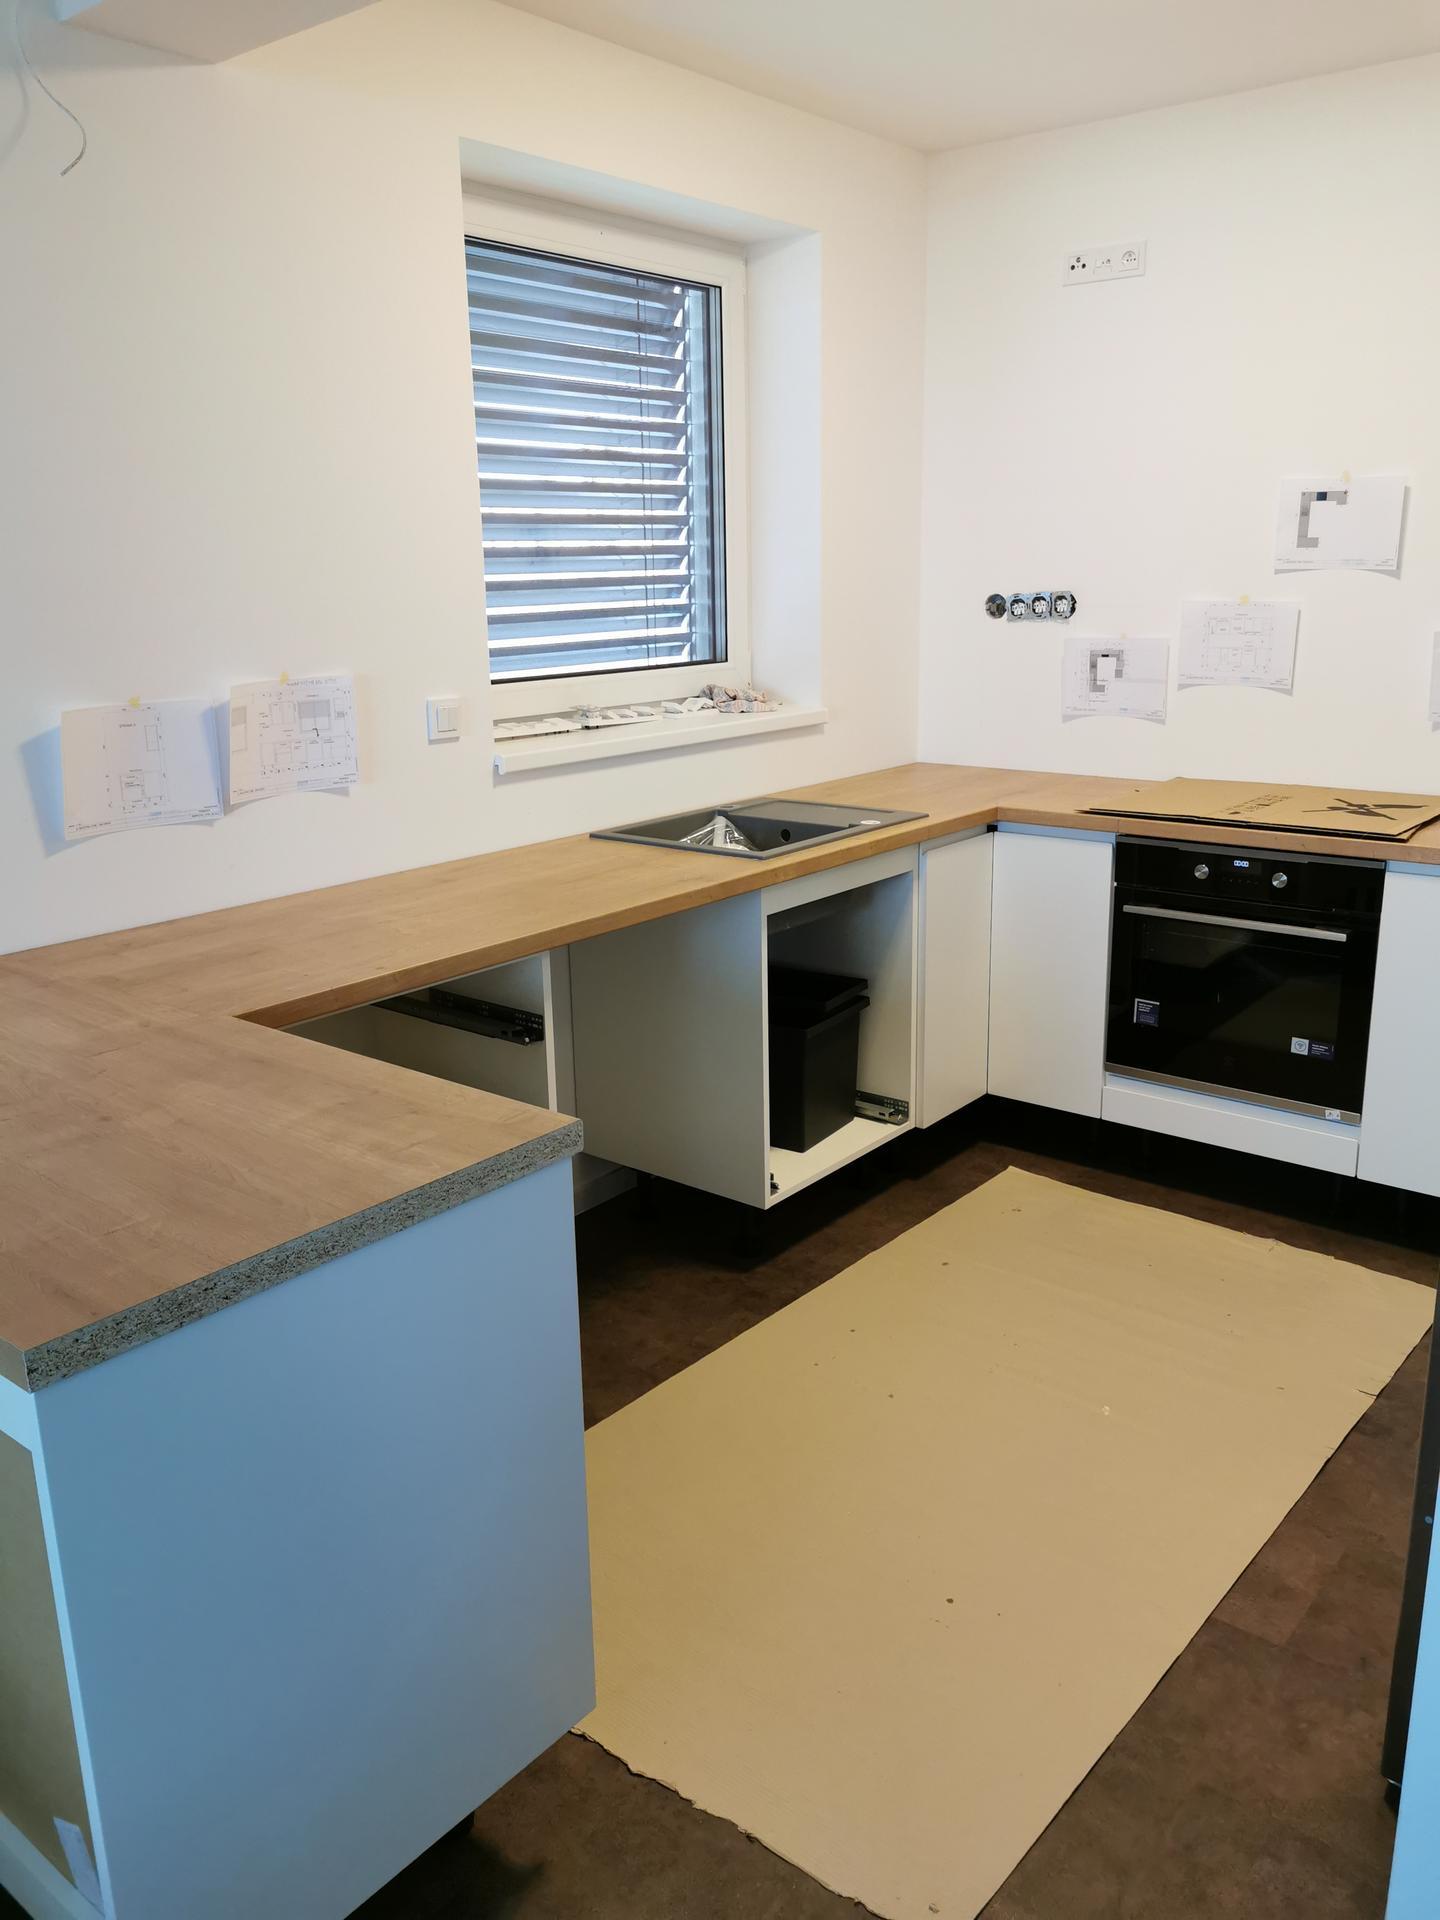 Kuchyně do domečku - Obrázek č. 6